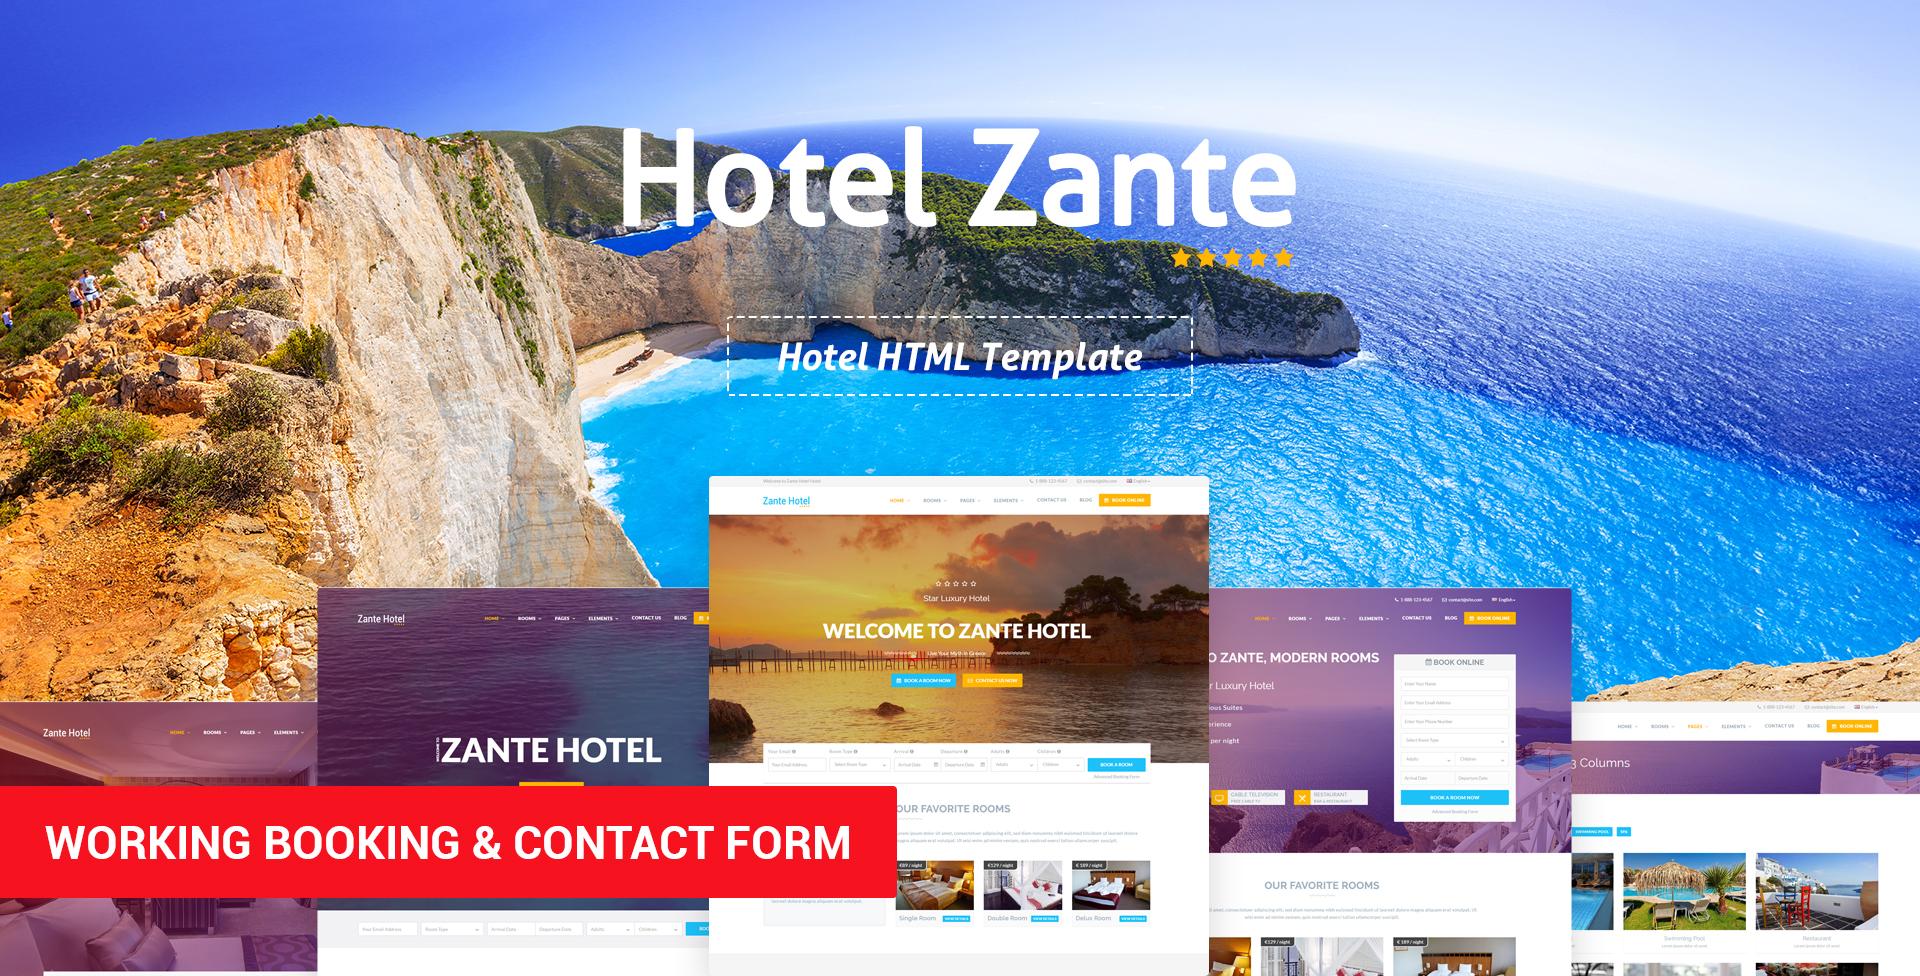 Hotel Zante – Hotel HTML Template